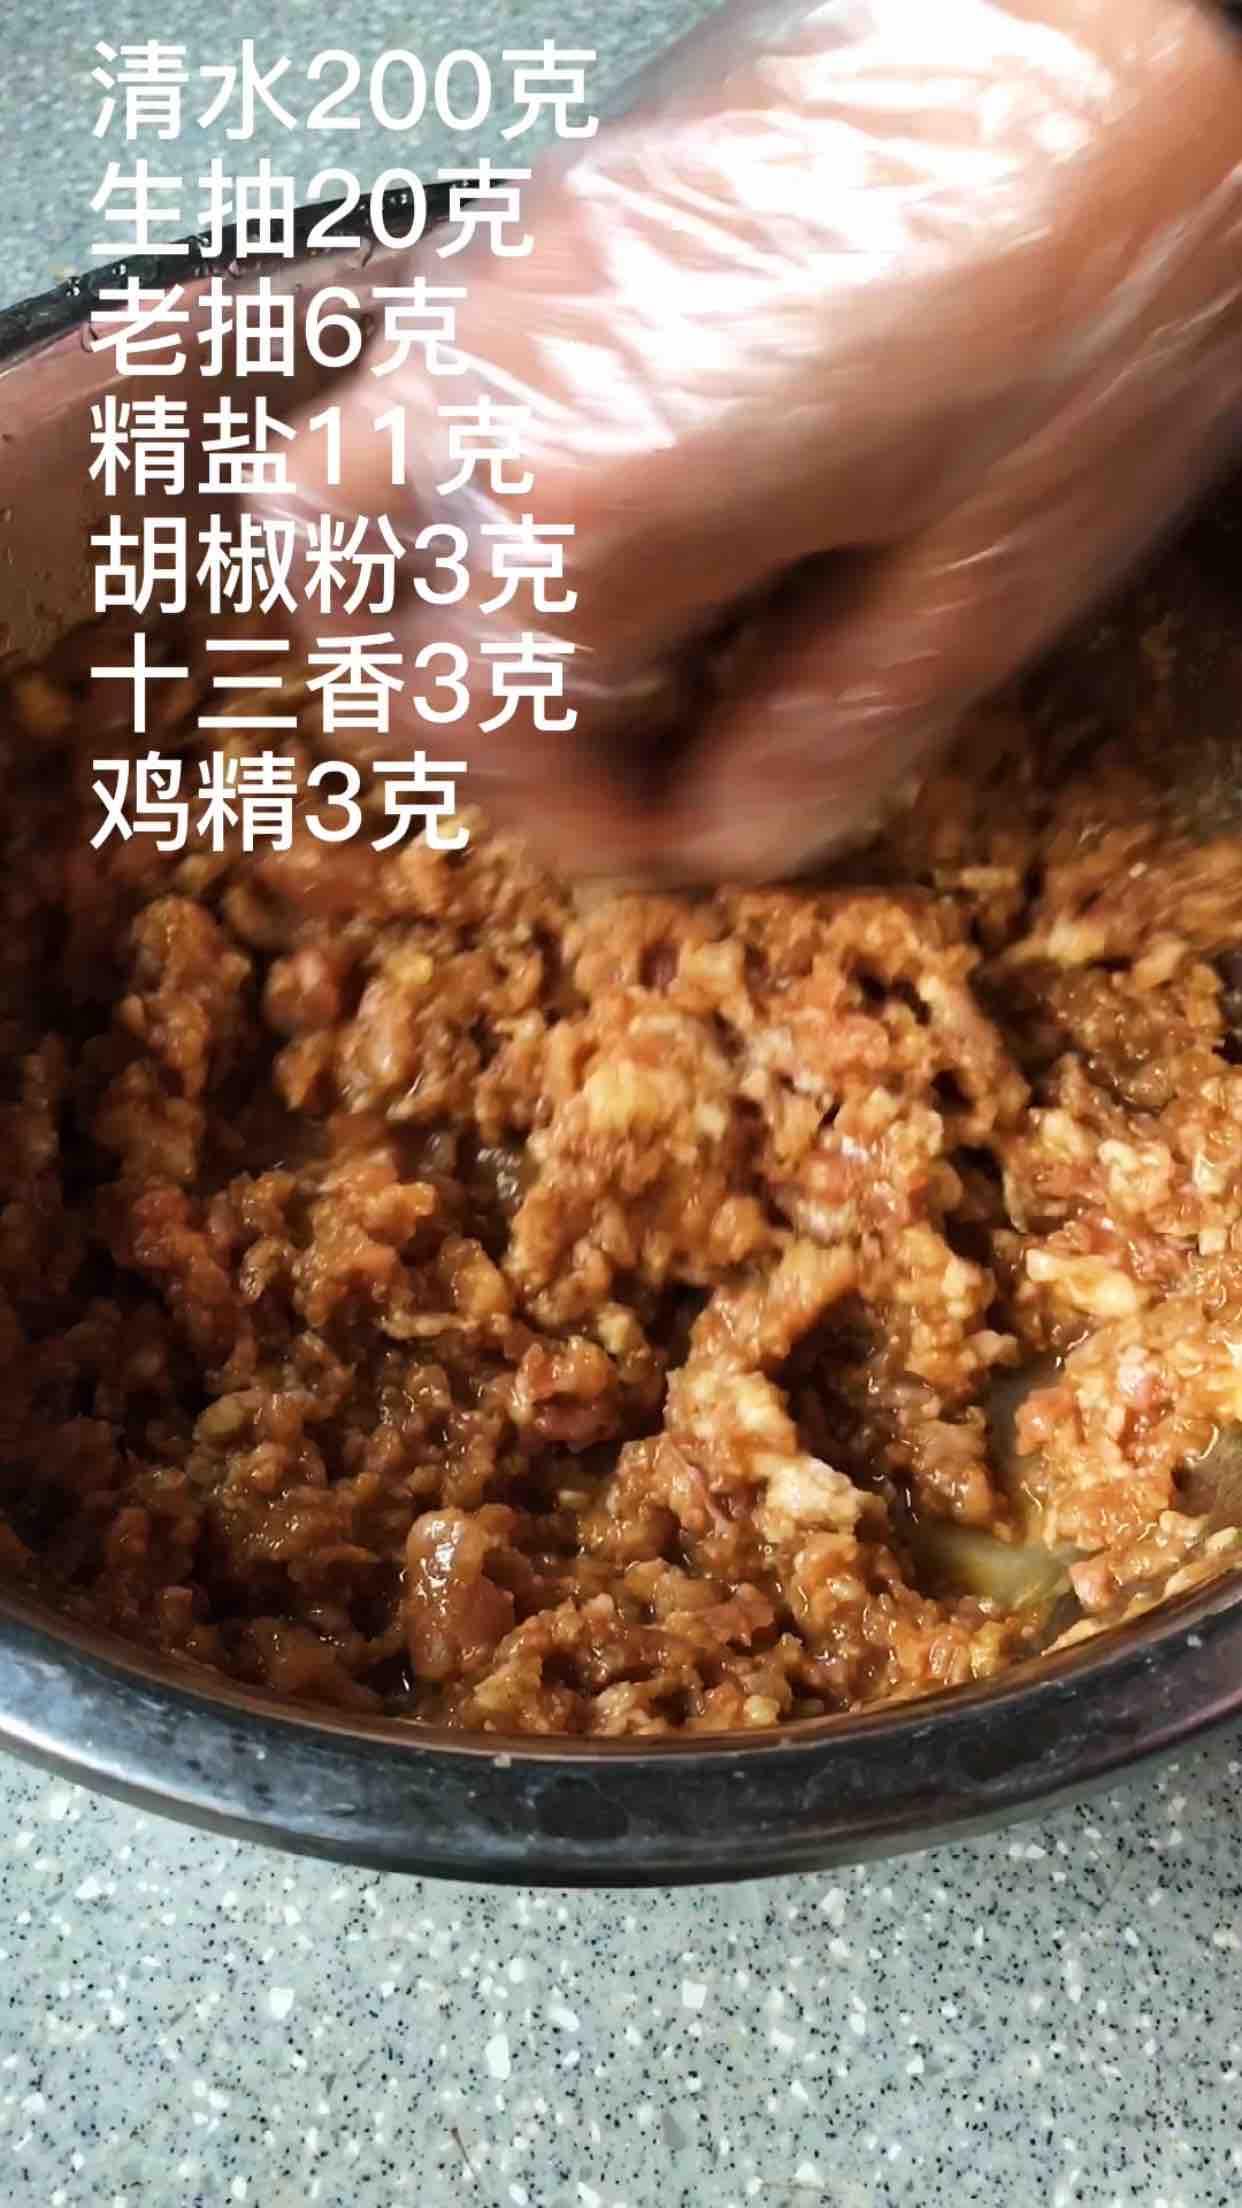 荠菜饺子的做法图解